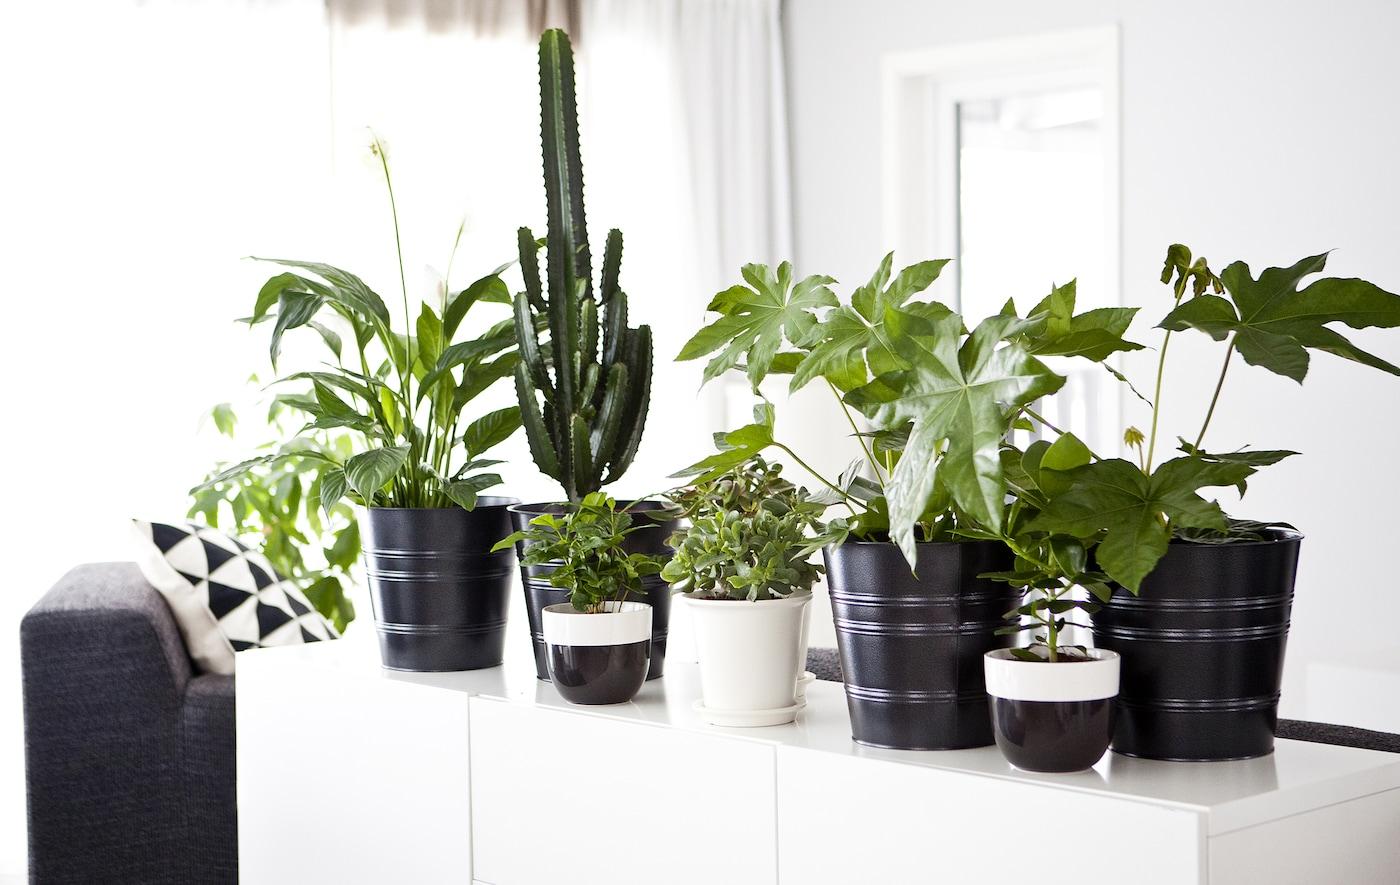 les plantes vertes dynamisent votre int rieur ikea. Black Bedroom Furniture Sets. Home Design Ideas